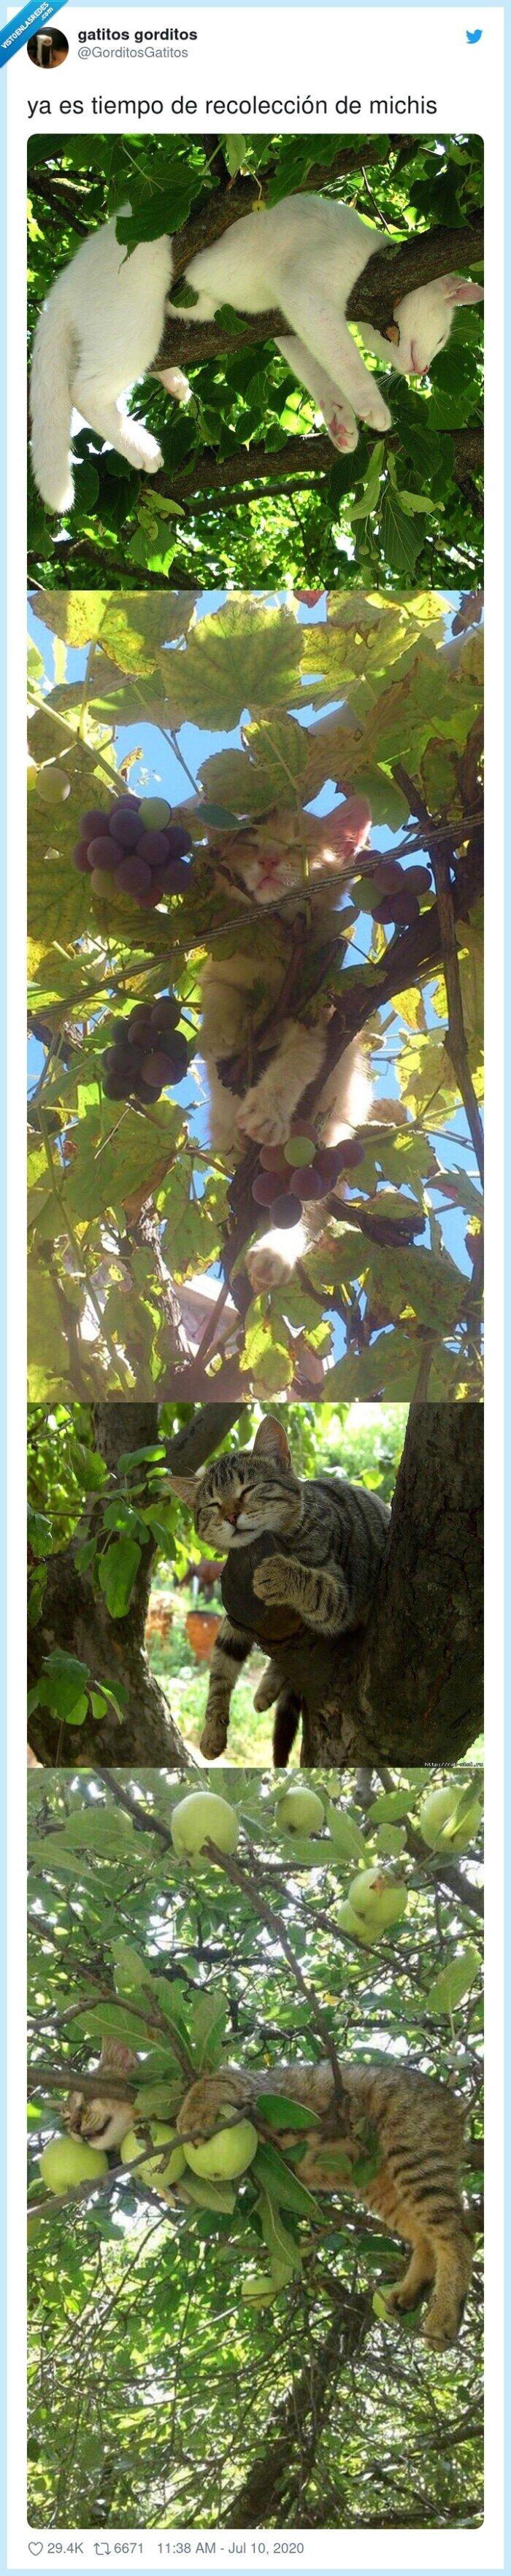 gatos,michis,recolección,tiempo